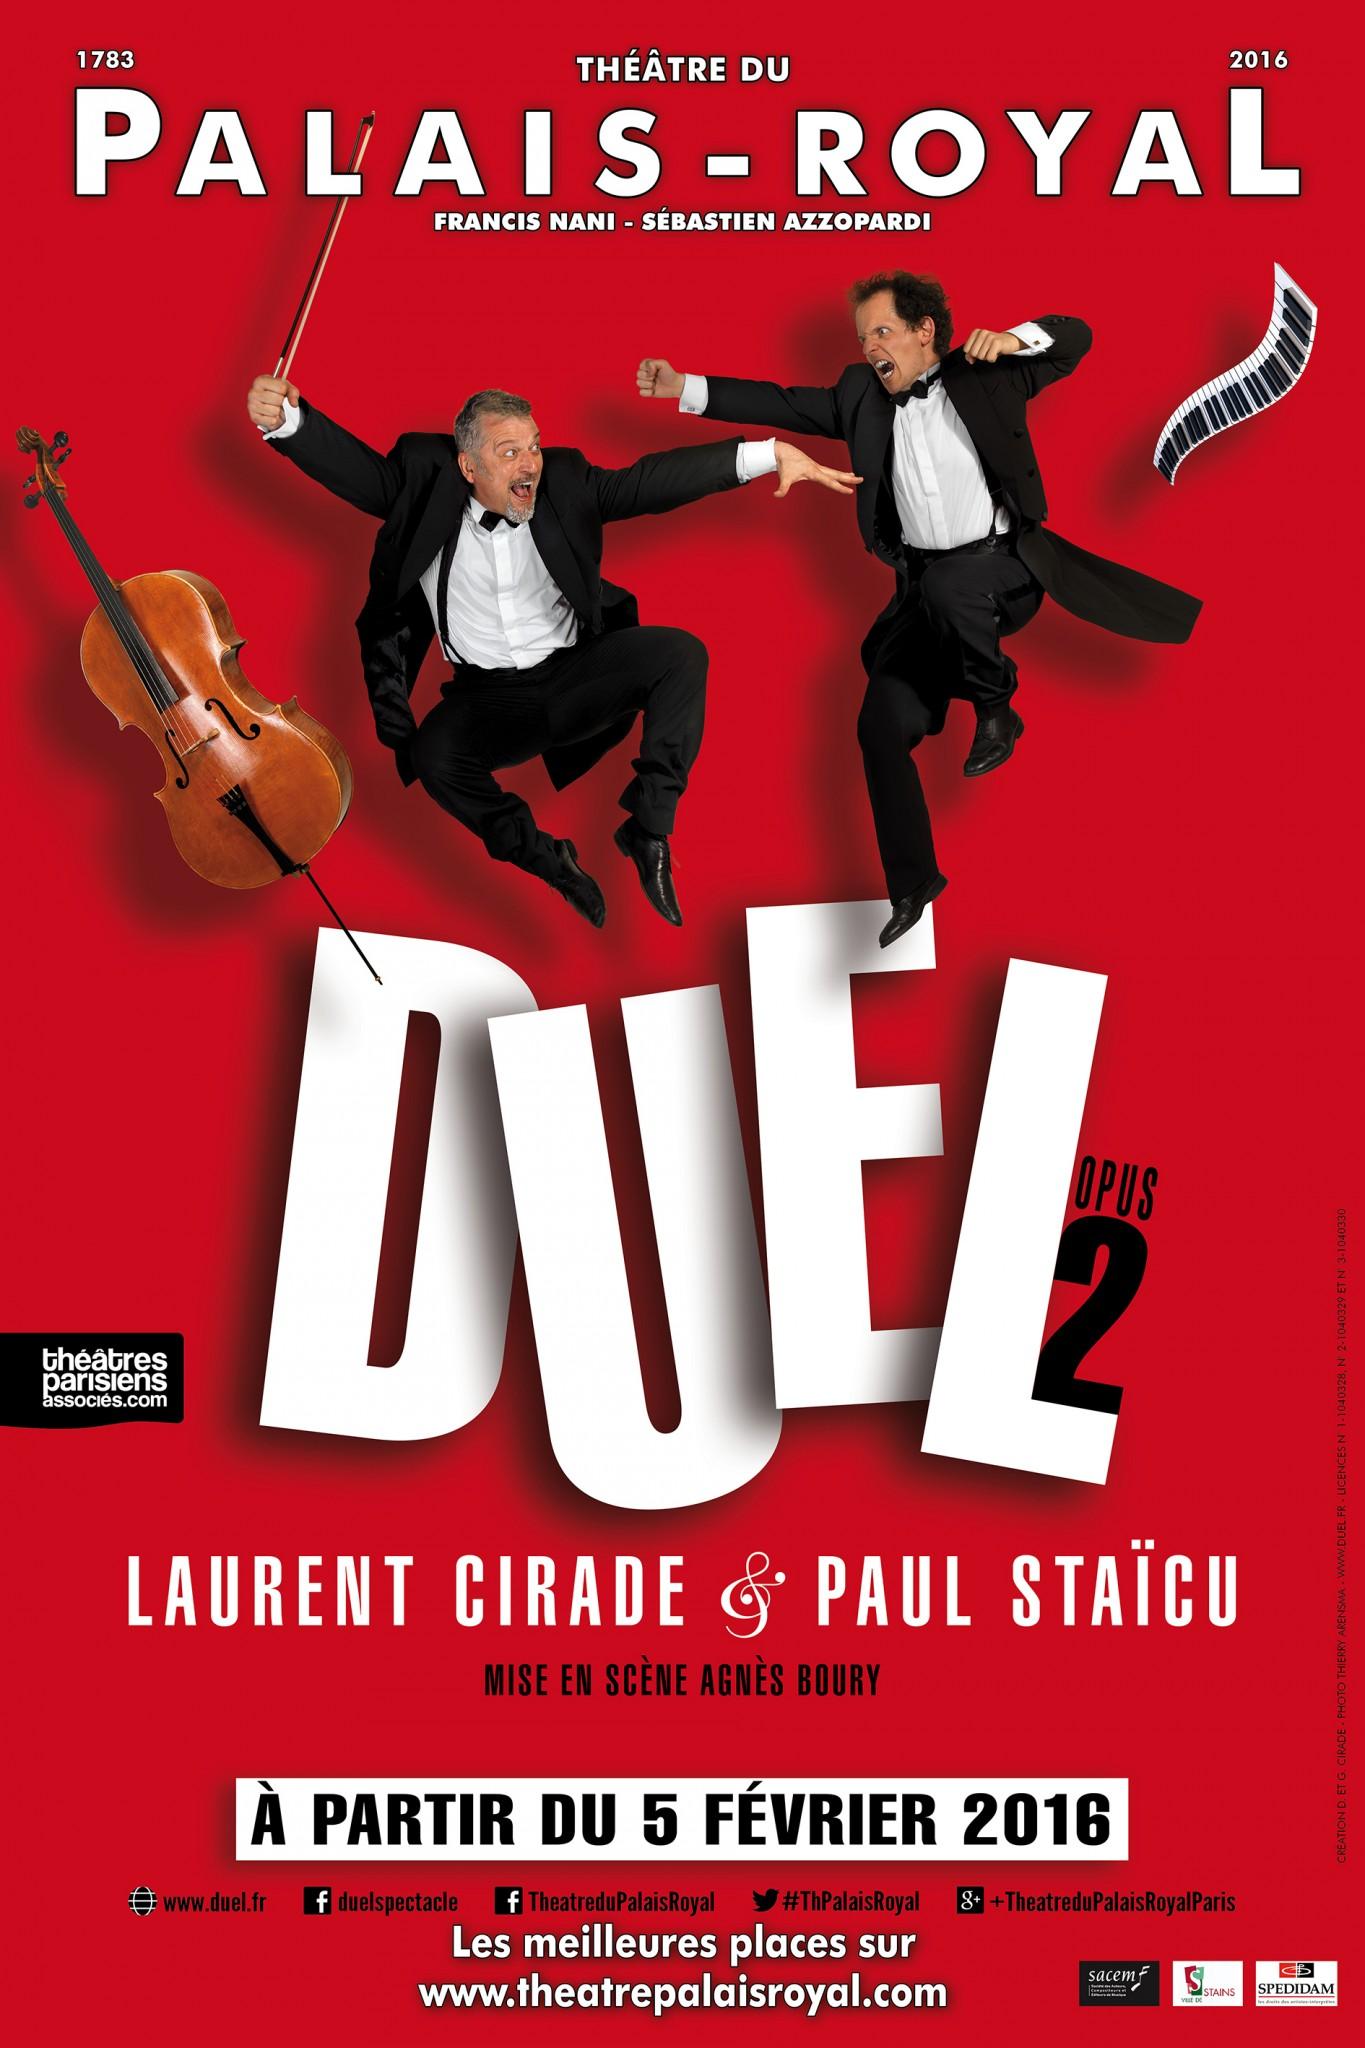 DUEL-opus2-affiche